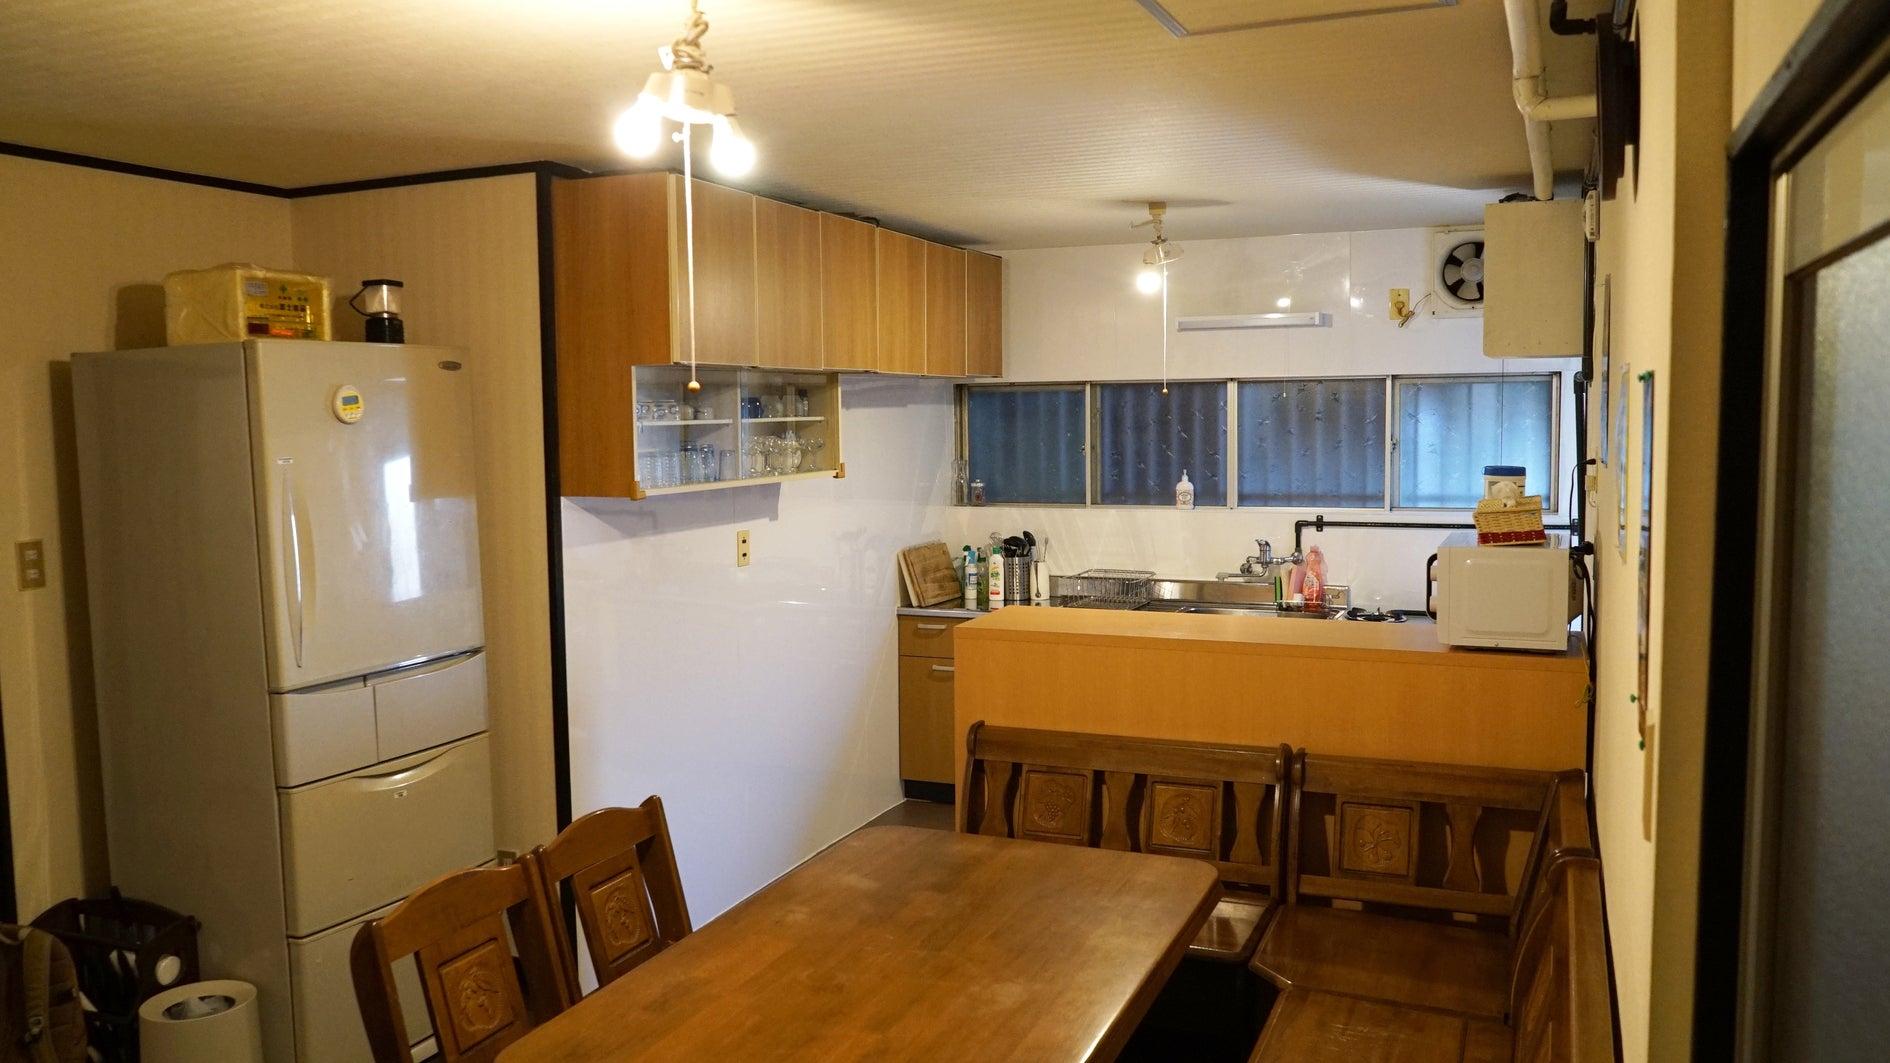 1階キッチン。2017年12月に新しいキッチンと入れ替えました。 ガスコンロ2つ、冷蔵庫、家電、調理器具、食器、調味料等だいたい揃っています。